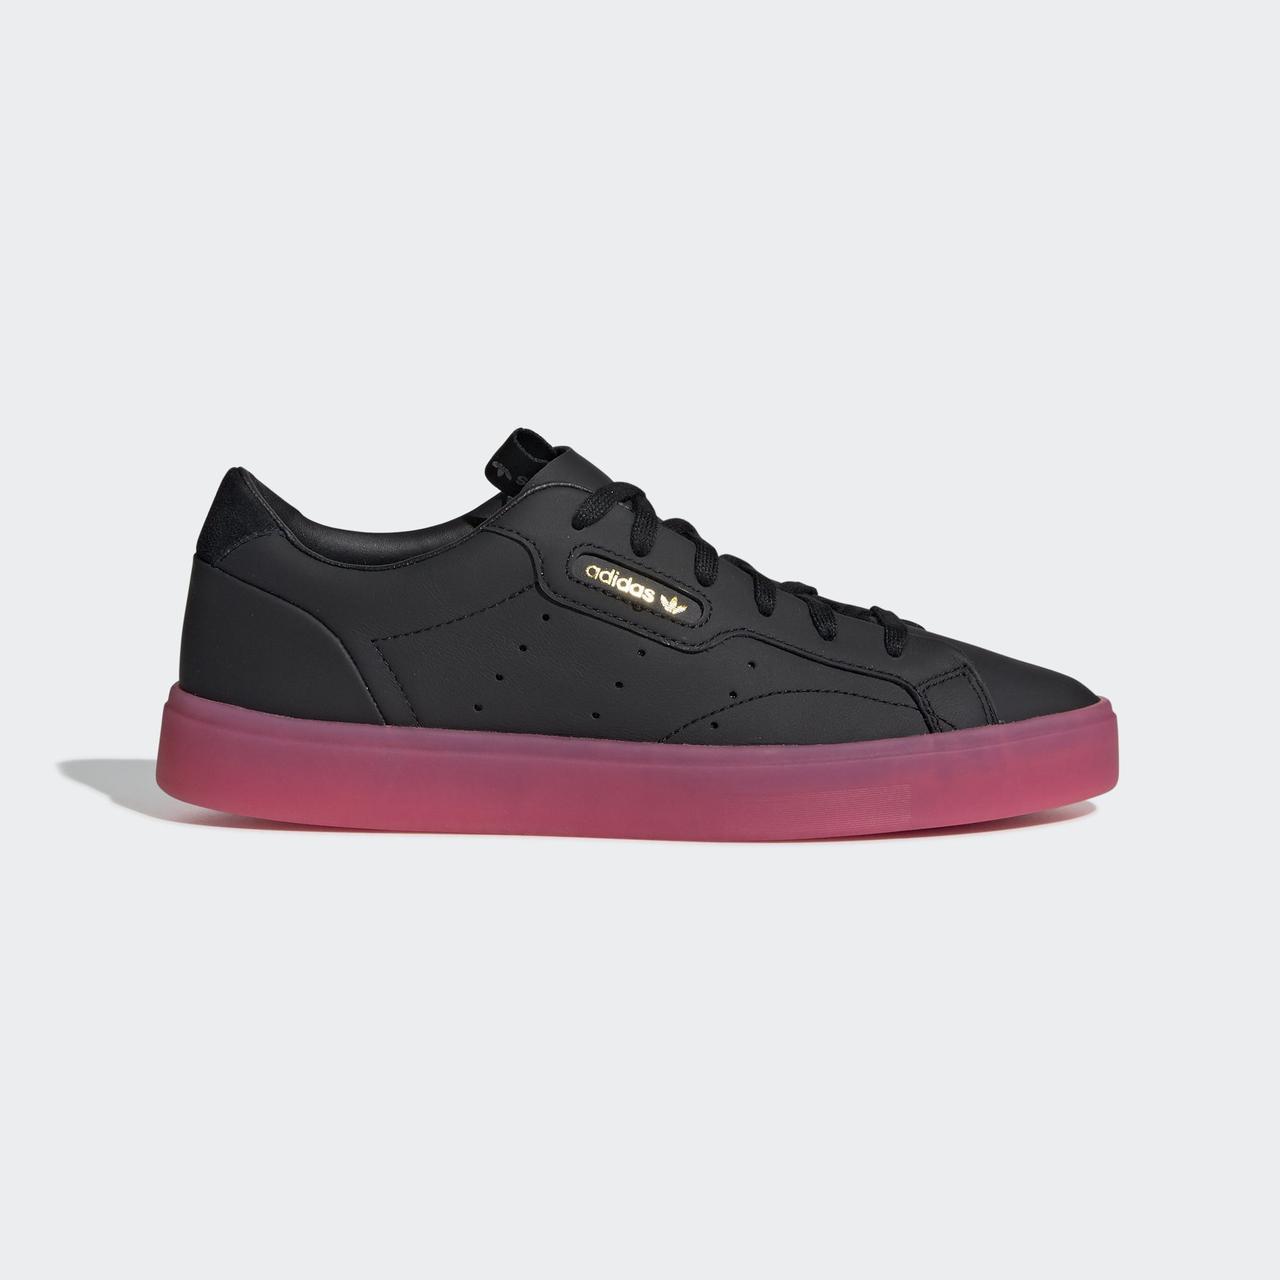 e08ea41c Повседневные кроссовки Adidas Sleek W G27341 - 2019: продажа, цена в ...